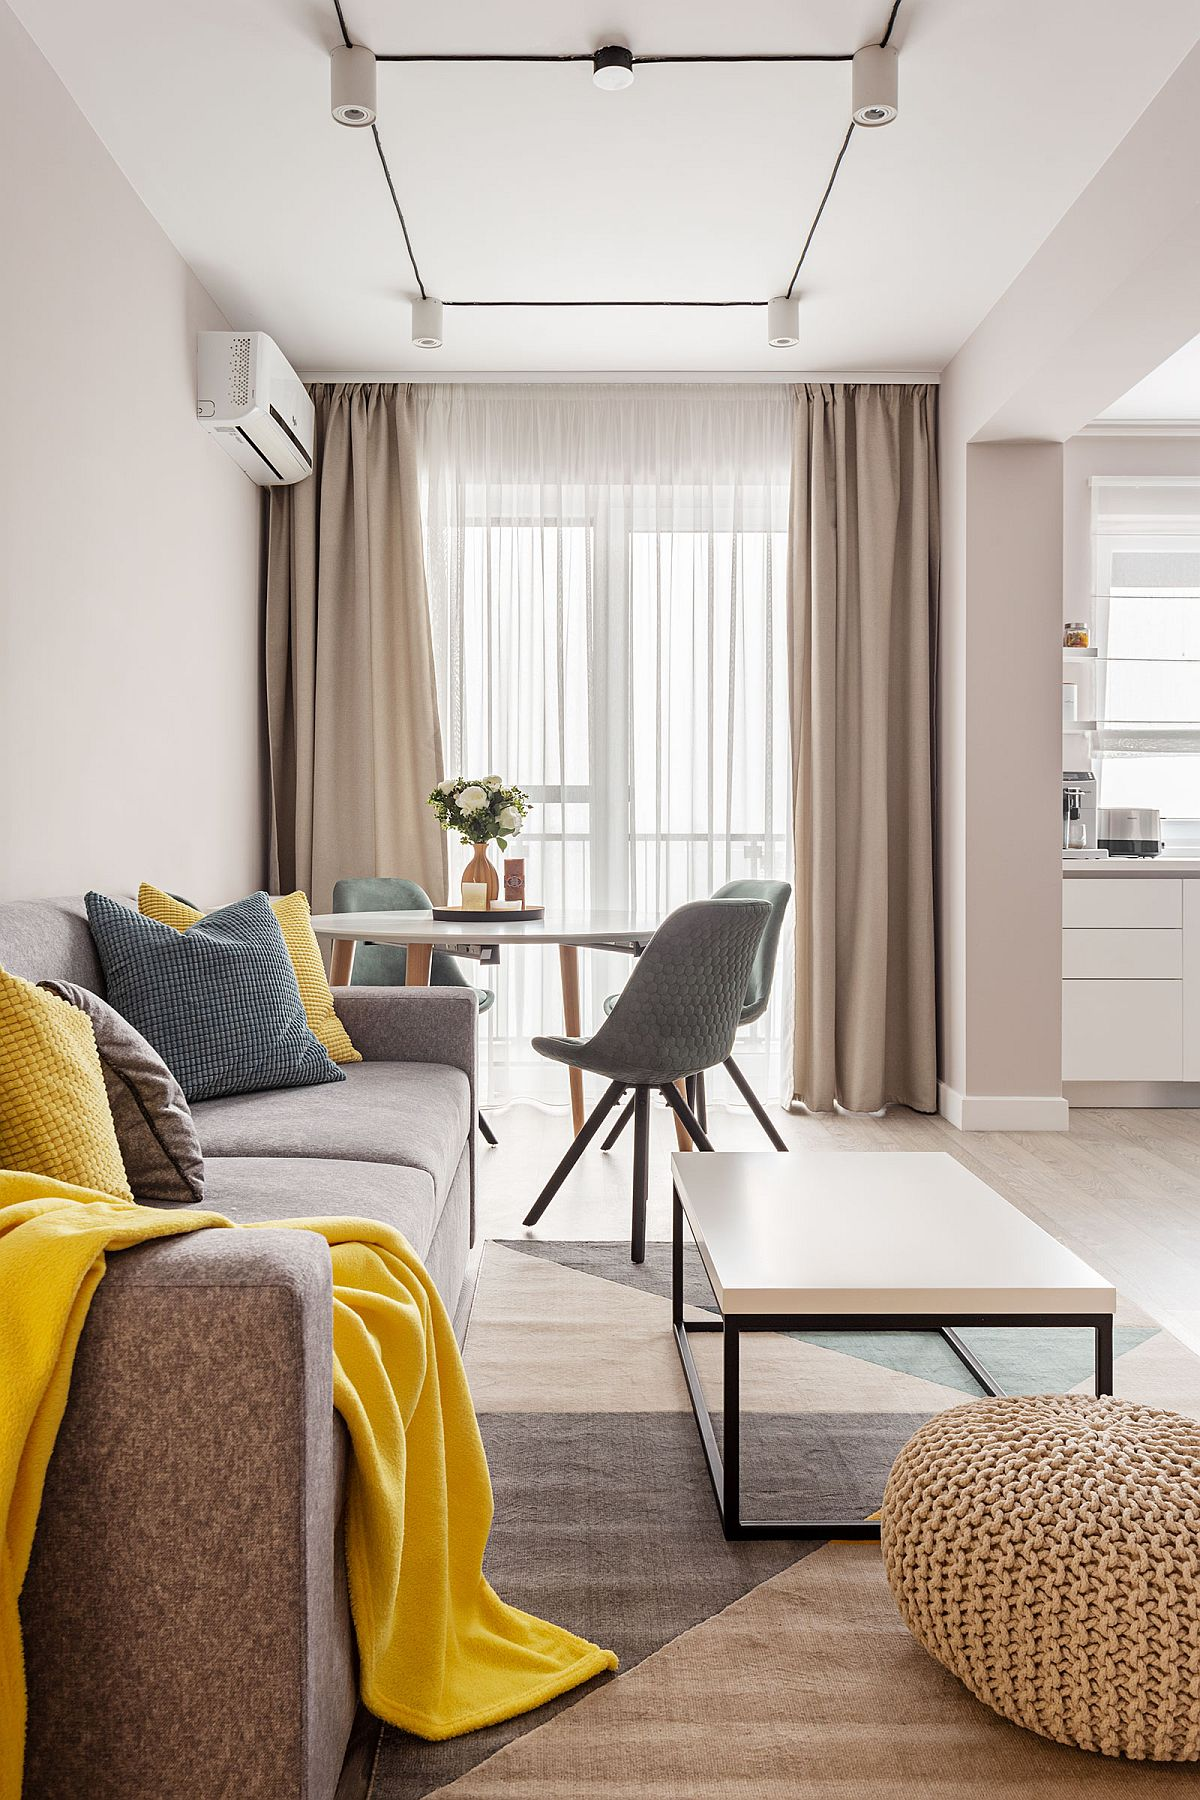 Spațiul zonei de zi, care este lung și îngust, a fost gândit pentru loc de conversație cu canapea, dar și loc de masă (sufragerie). Nuanțele pe suprafețe mari sunt neutre, in gama griurilor calde, completate cu accente de culoare prin obiecte mici de la perne decorative la tapițeria scaunelor.